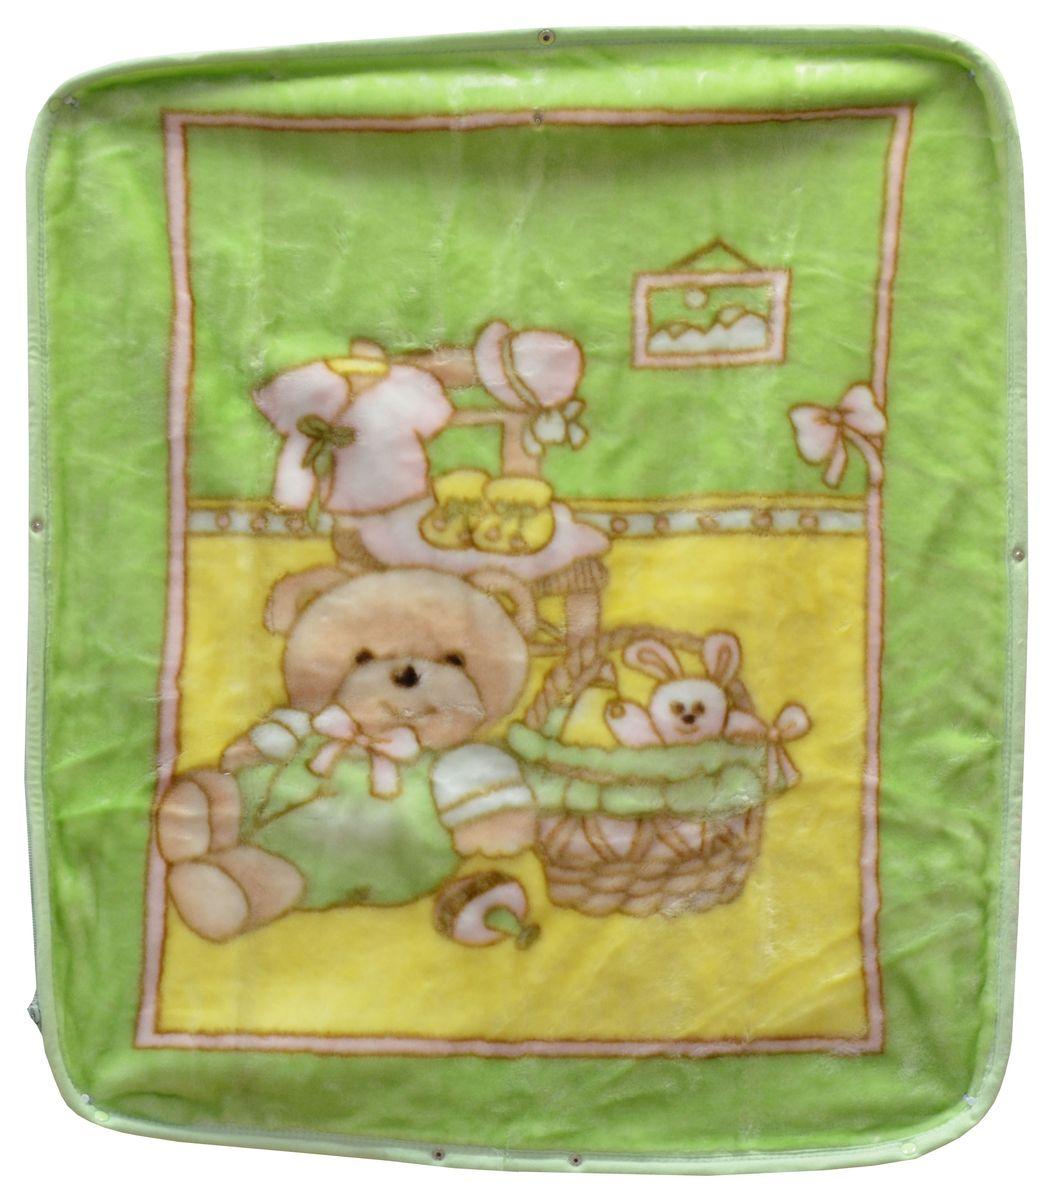 Bonne Fee Плед-накидка для младенцев на молнии 4, 80 х 90 см, цвет: зеленый4500/пдПлед-накидка для младенцев на молнии Bonne Fee - защита, тепло и комфорт для малышей - использован надёжный, качественный и мягкий материал! Удобство и спокойствие для родителей обеспечивается универсальностью пледа-накидки, конструкция которого позволяет ему легко превращаться в конвертик. Отличное качество и практичность! Любите своего ребёнка и дарите ему лучшее!